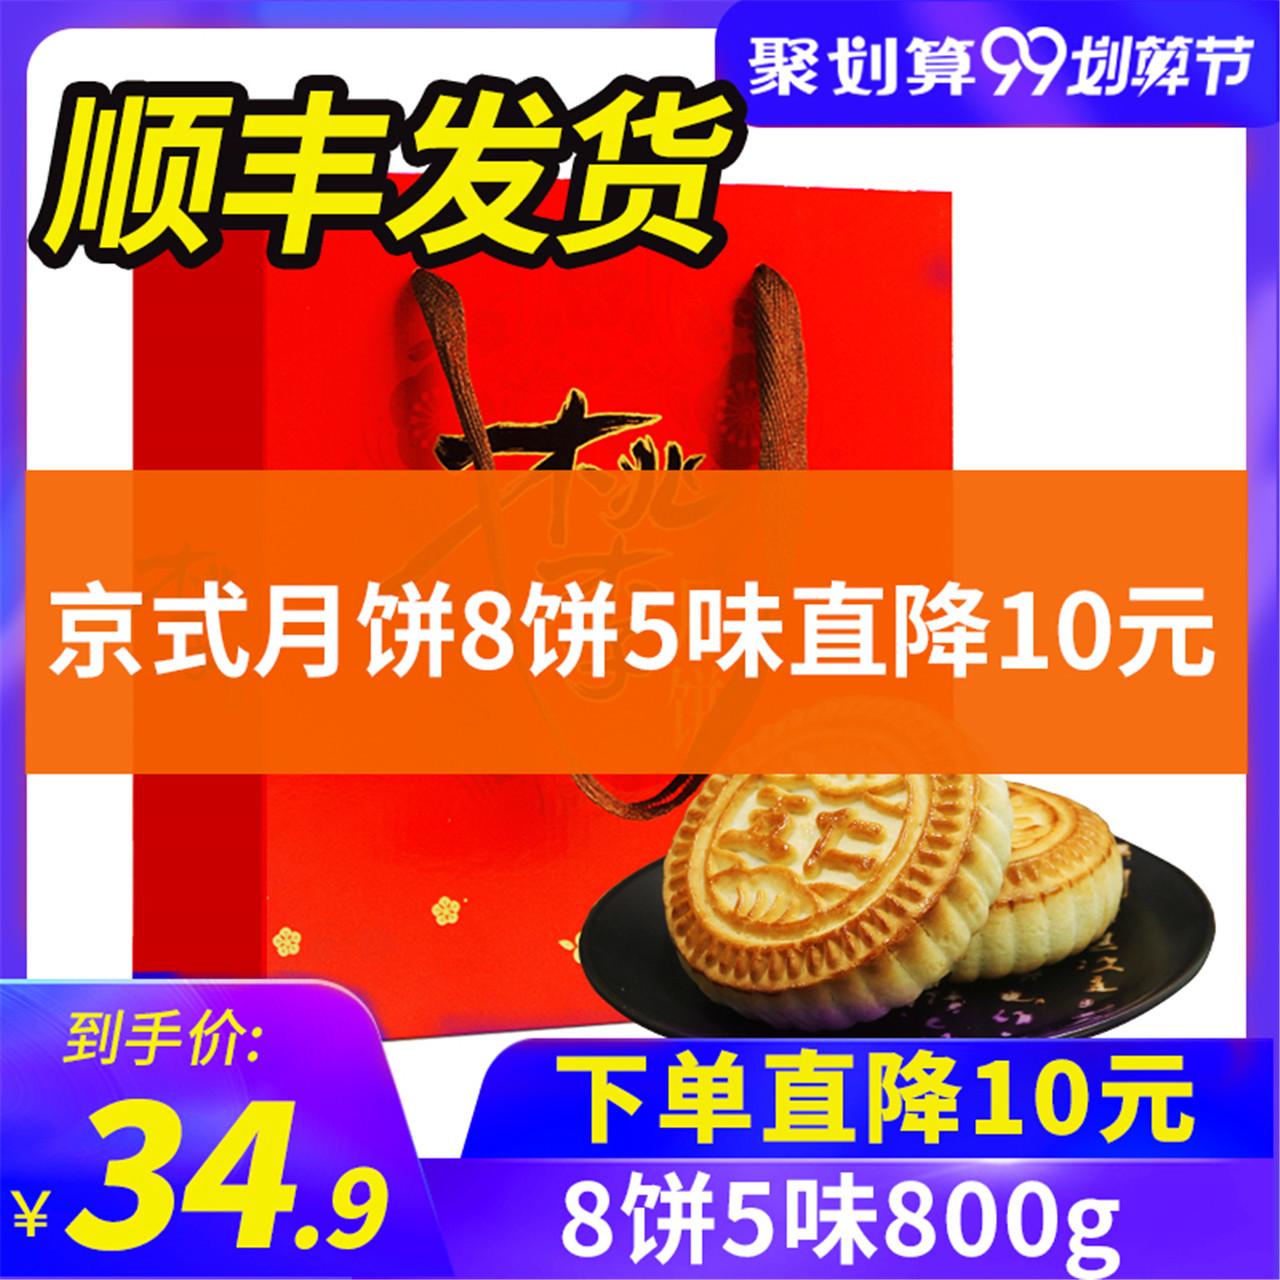 【顺丰直发】桃李月饼礼盒家庭装800g老式月饼多口味京式五仁中秋